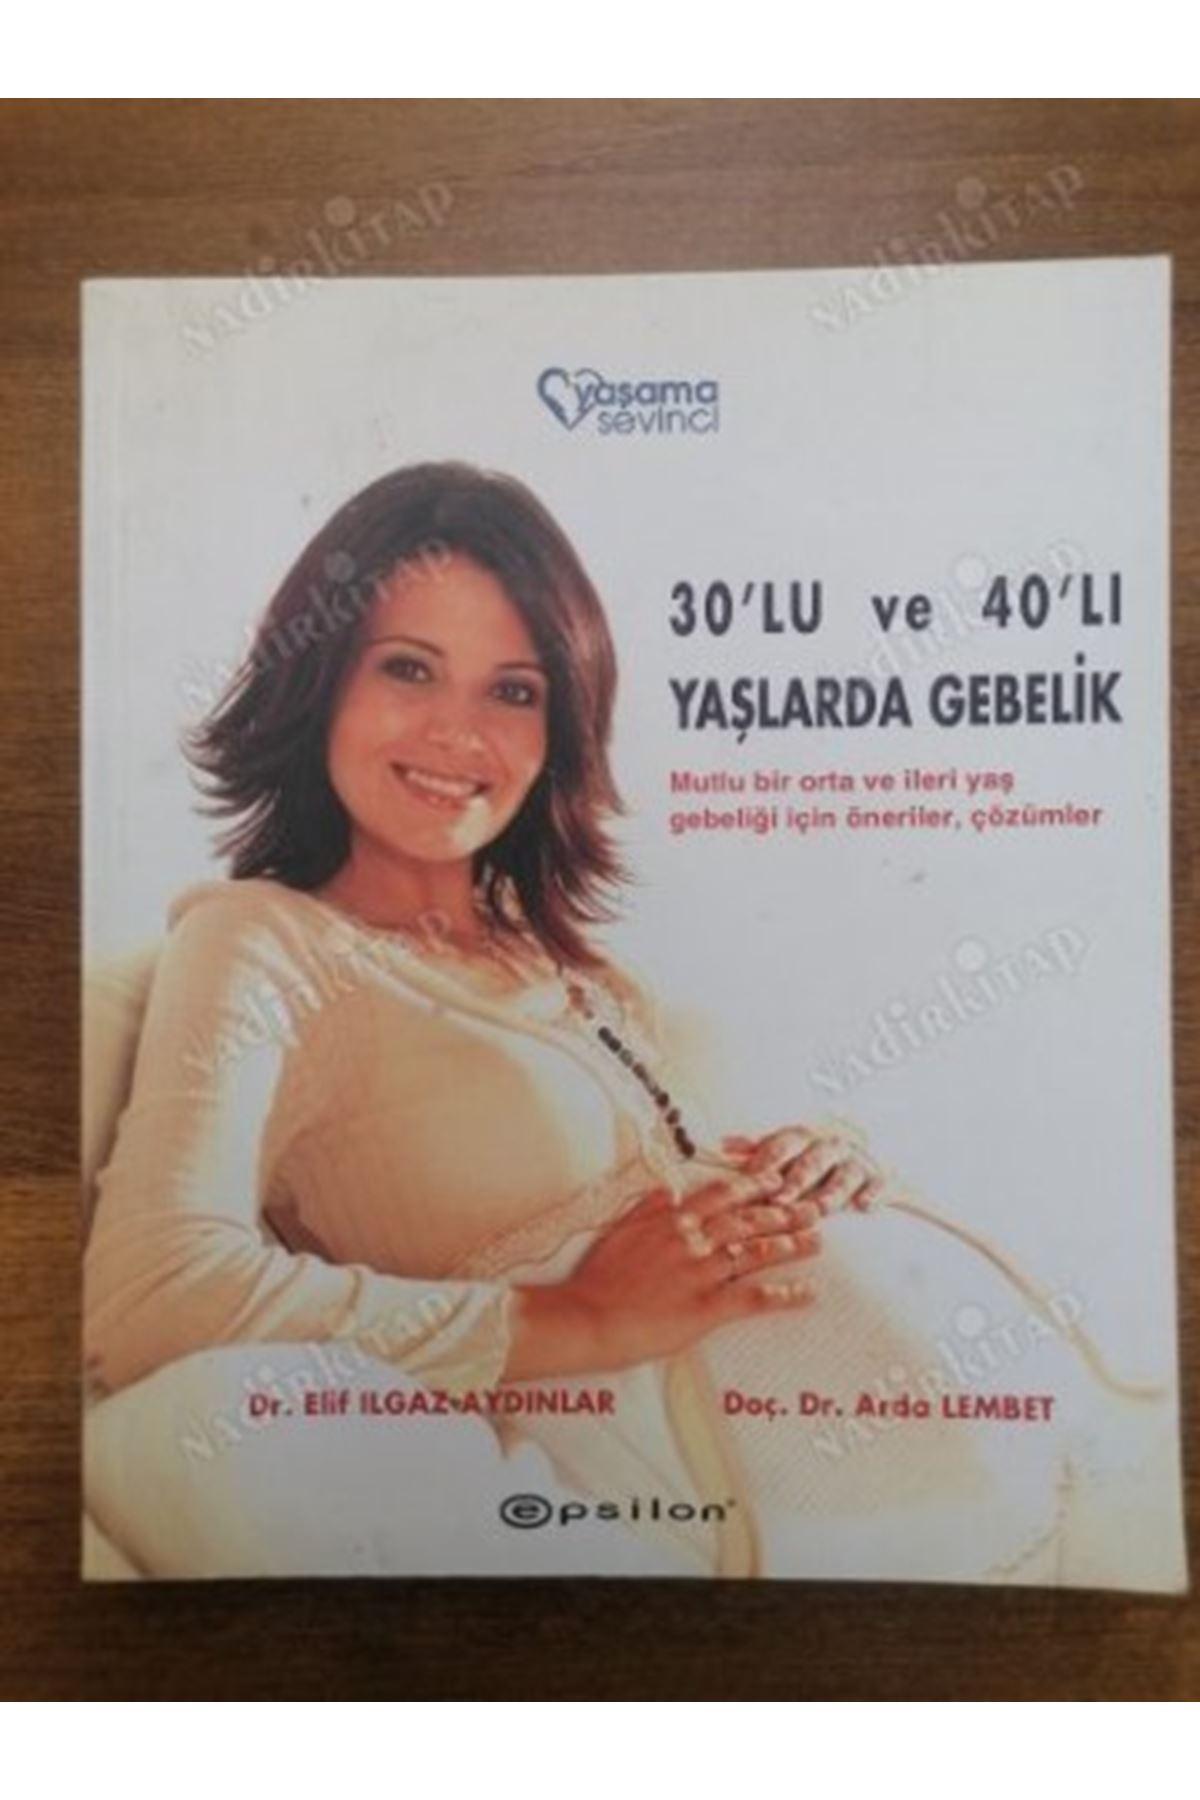 DR. ELİF ILGAZ AYDINLAR - 30'LU VE 40'LI YAŞLARDA GEBELİK